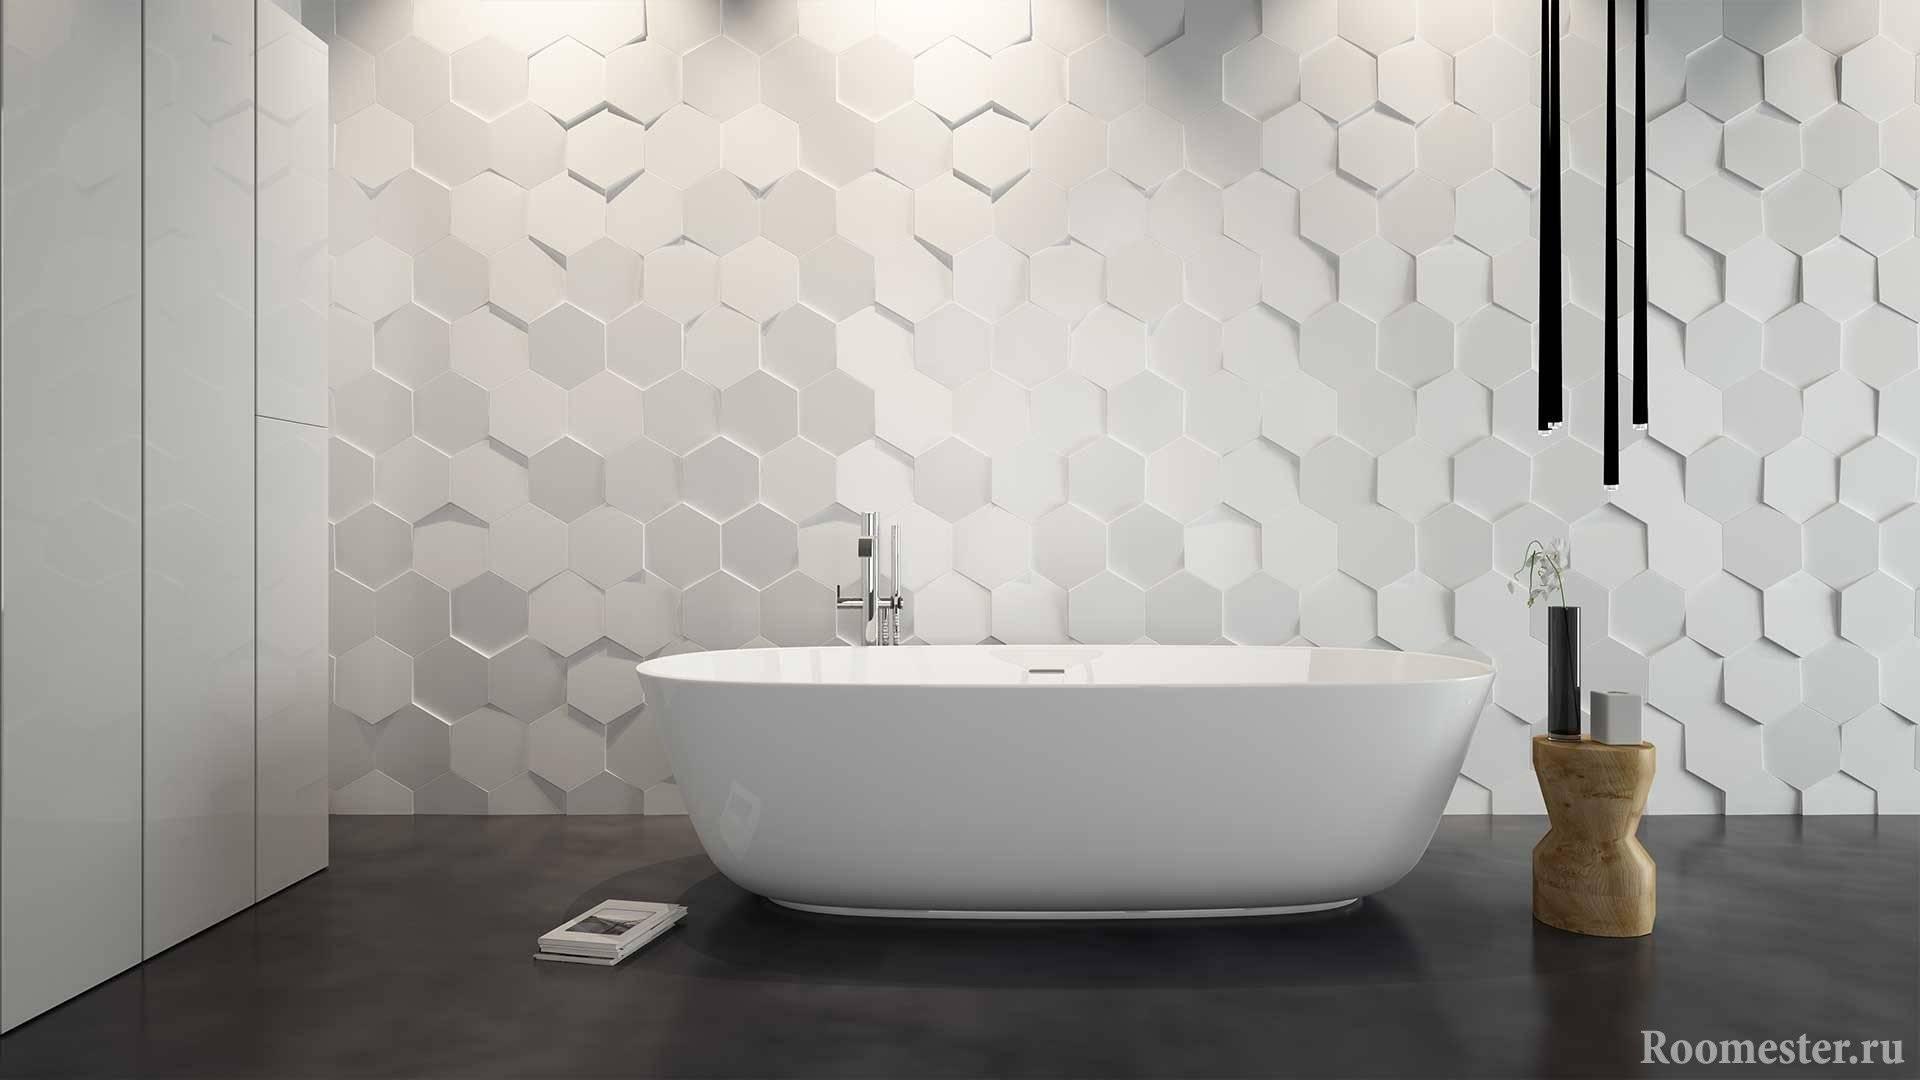 Цвет плитки в ванной - удачные сочетания плитки и затирки (115 фото)